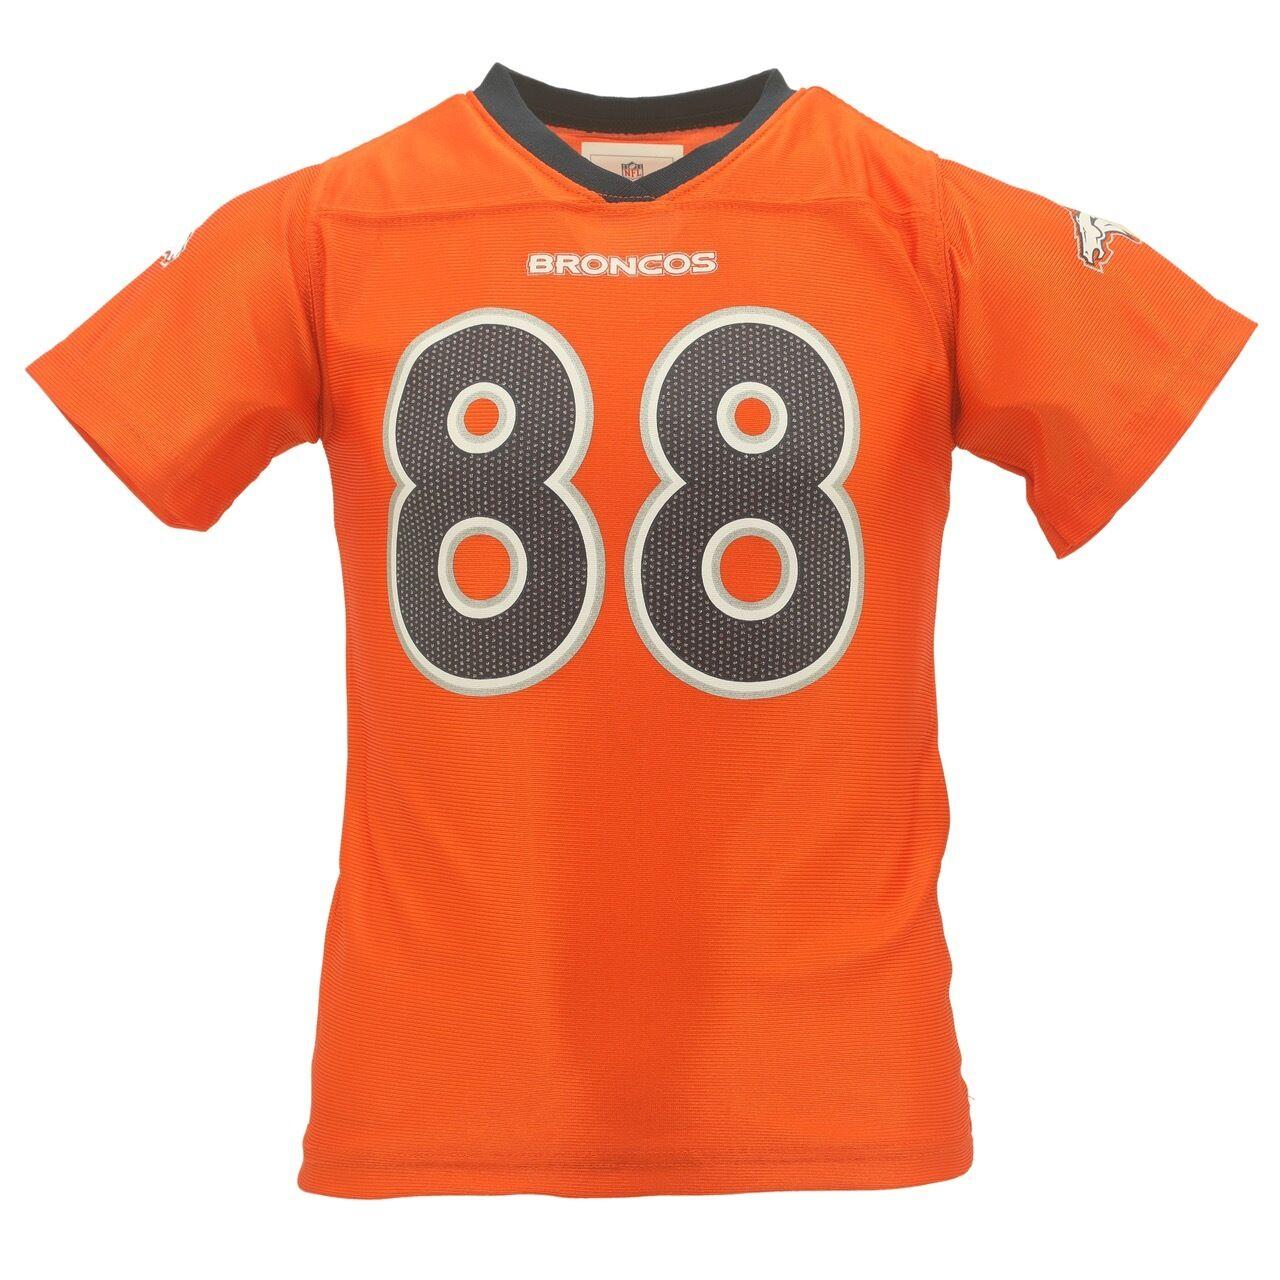 demaryius thomas youth jersey